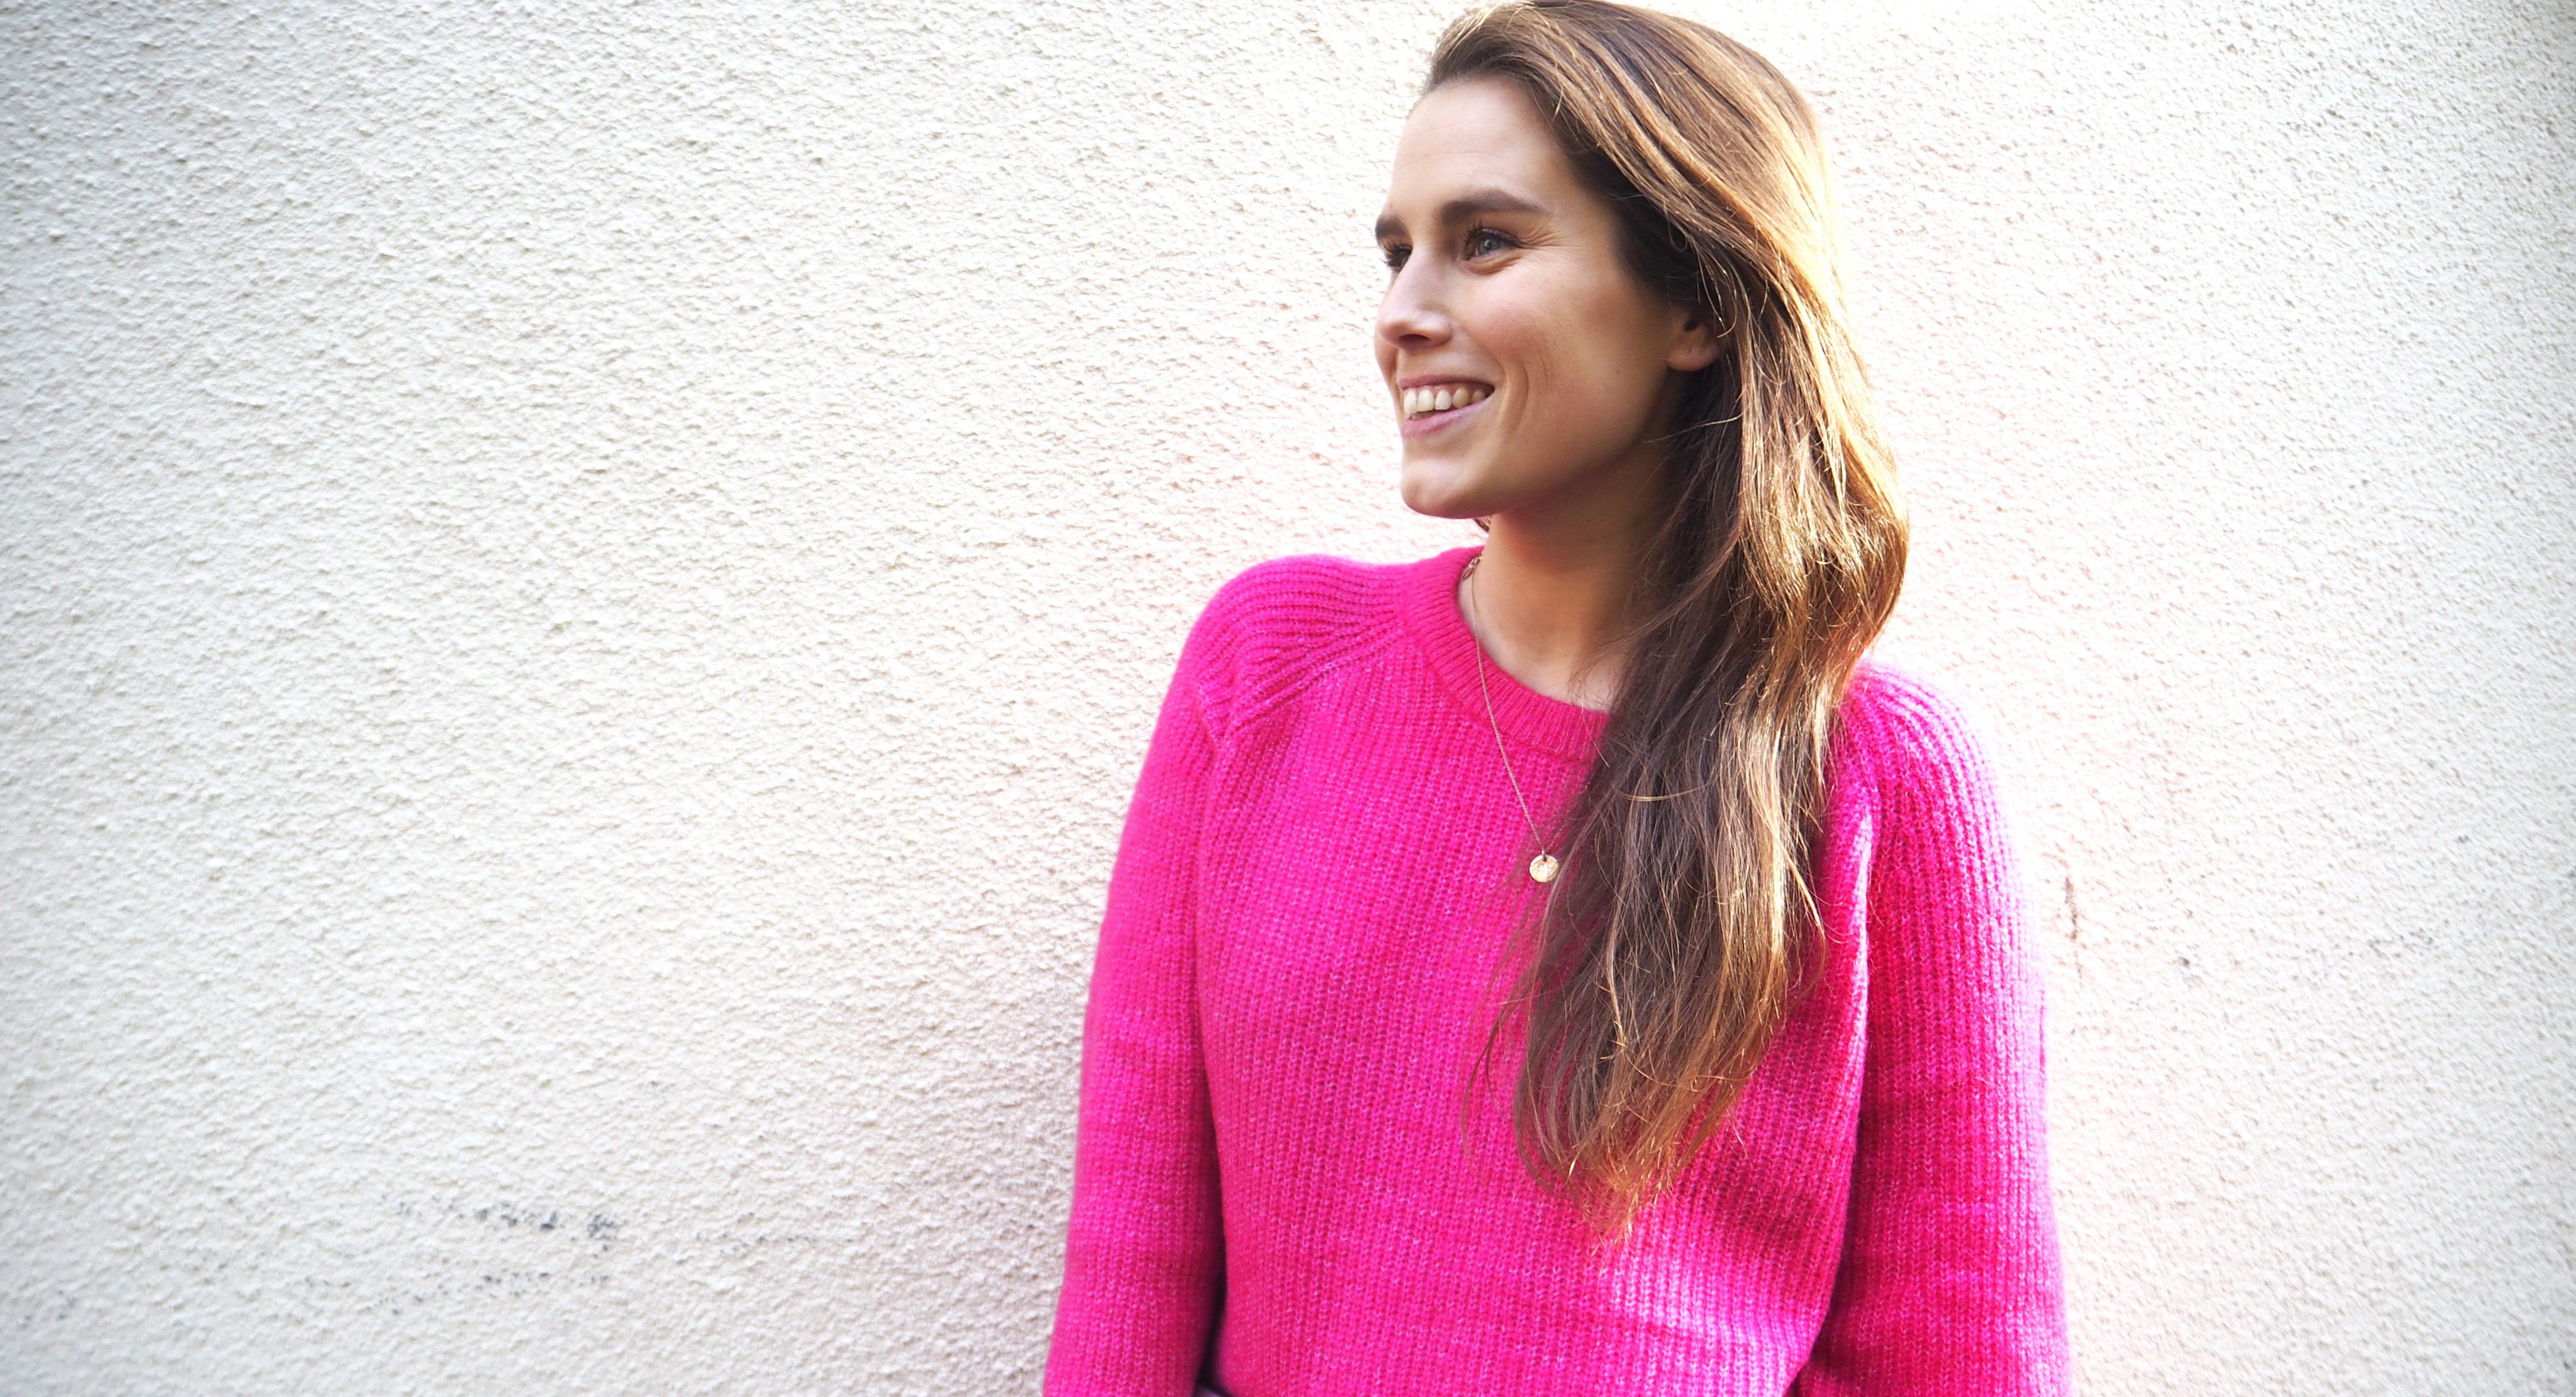 Henriette Sophia